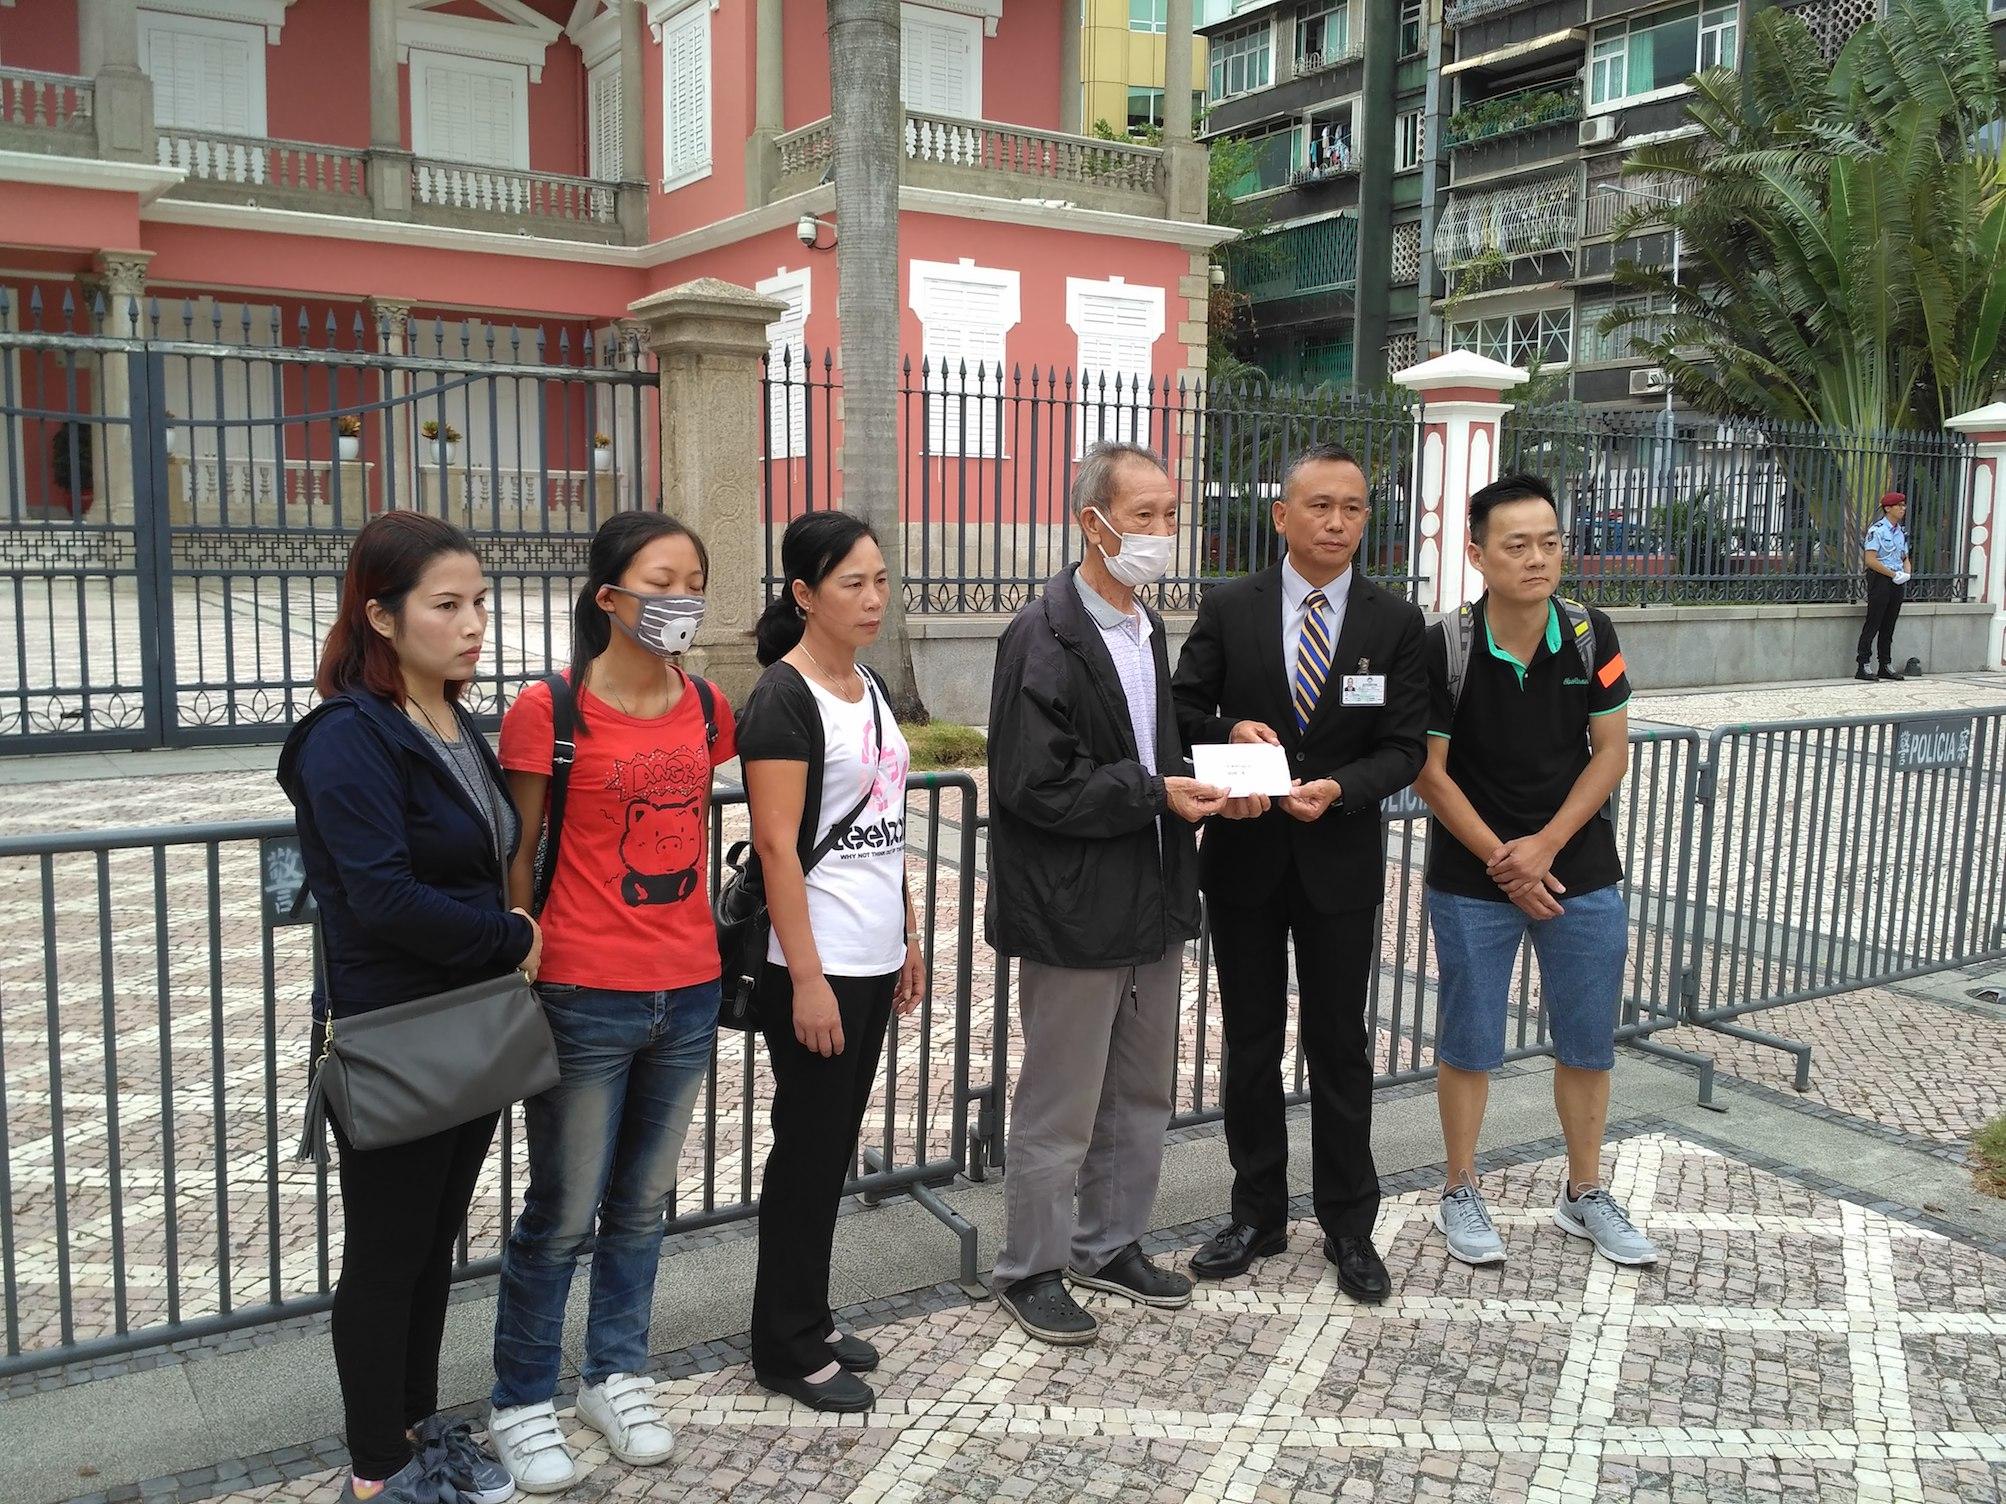 Habitação | Futuros moradores de edifício Bairro da Ilha Verde sairam à rua